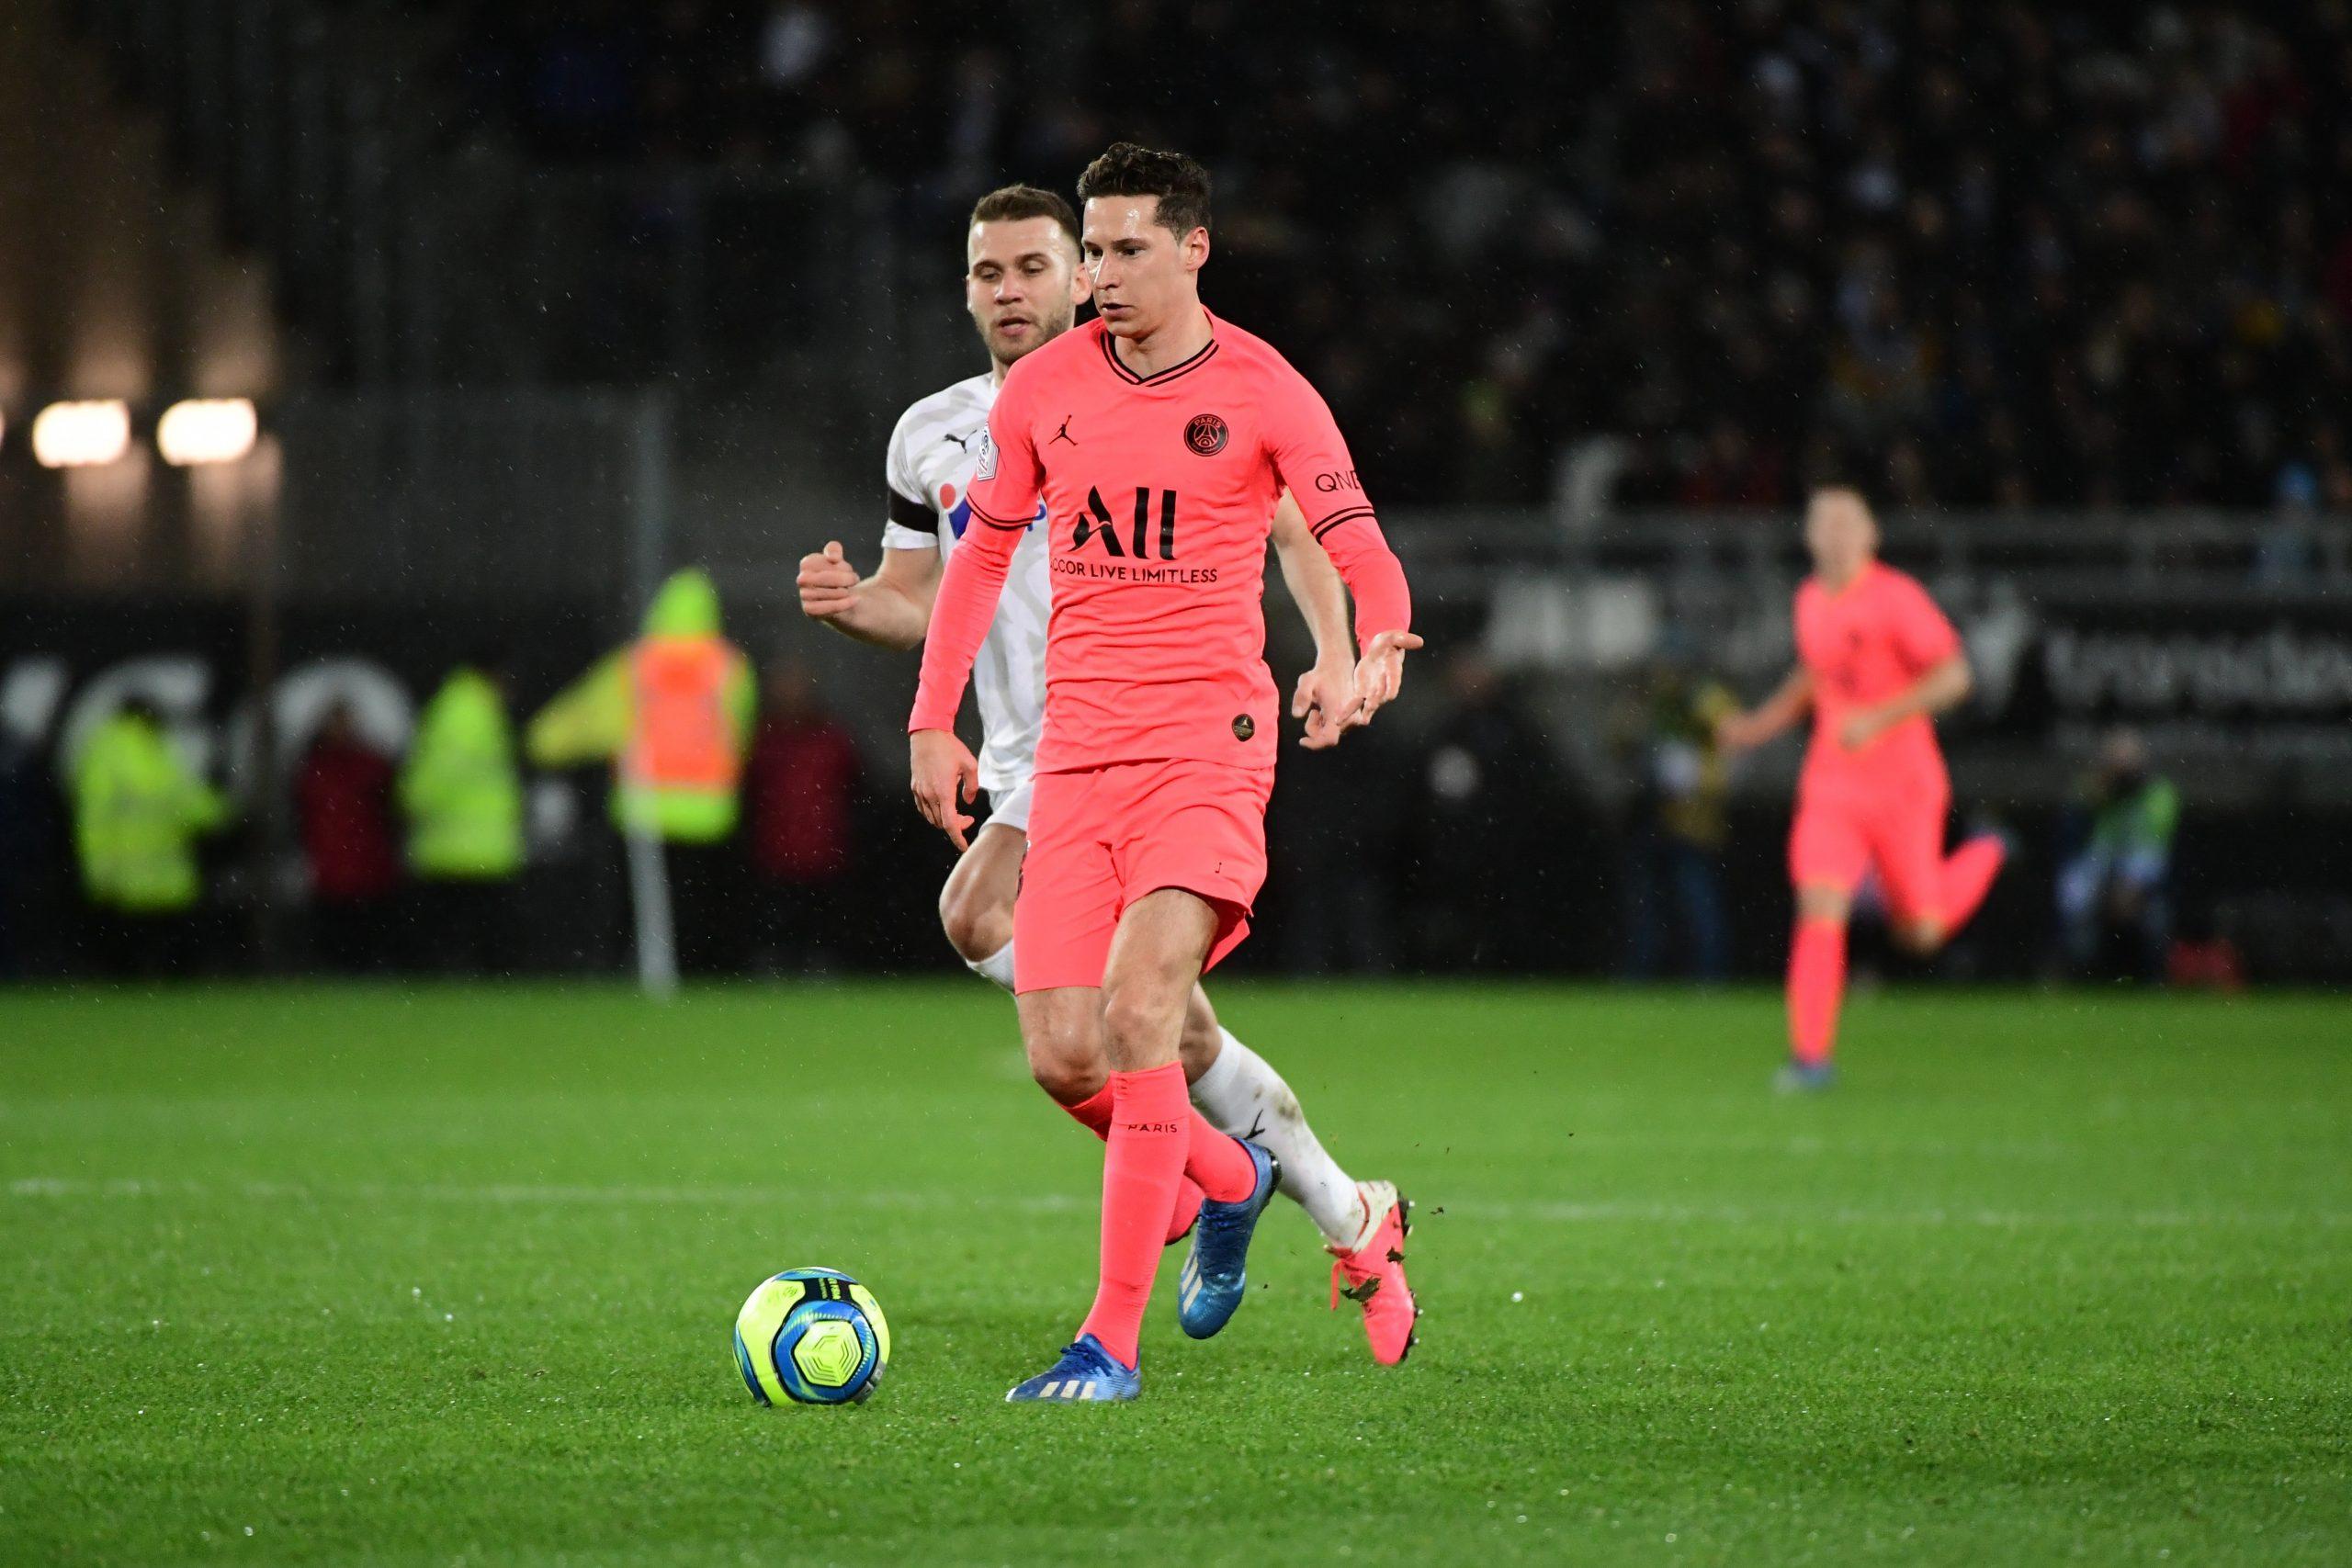 Mercato - Arsenal et le Hertha Berlin intéressés par Draxler, selon Foot Mercato